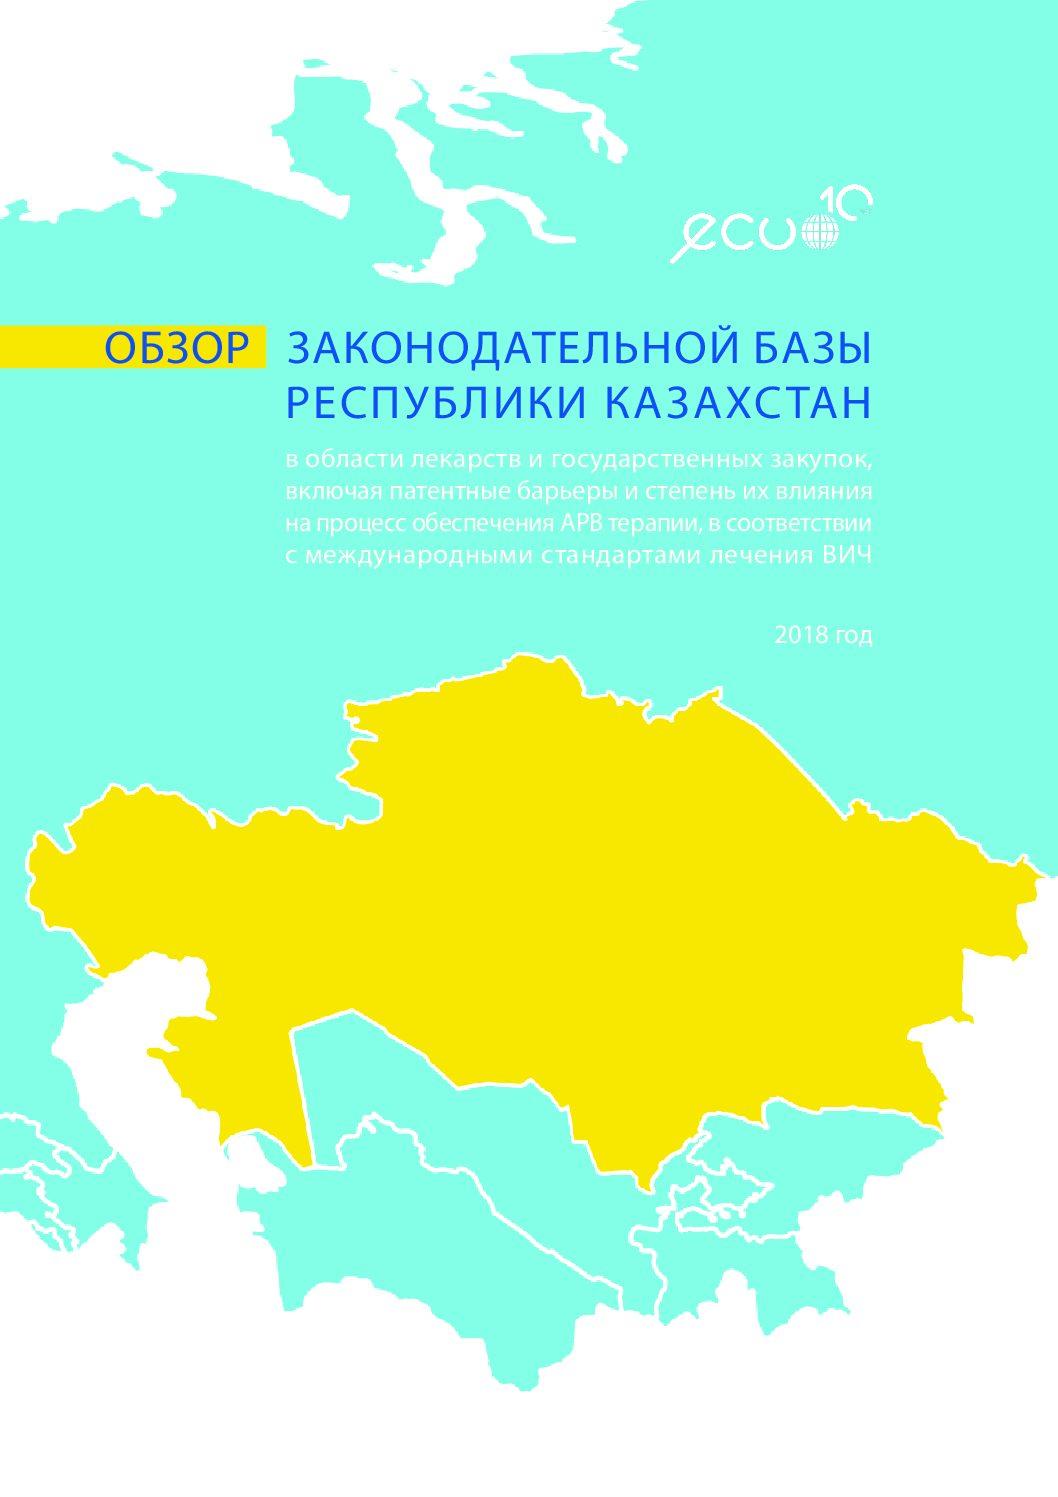 Обзор законодательной базы Республики Казахстан в области лекарств и государственных закупок